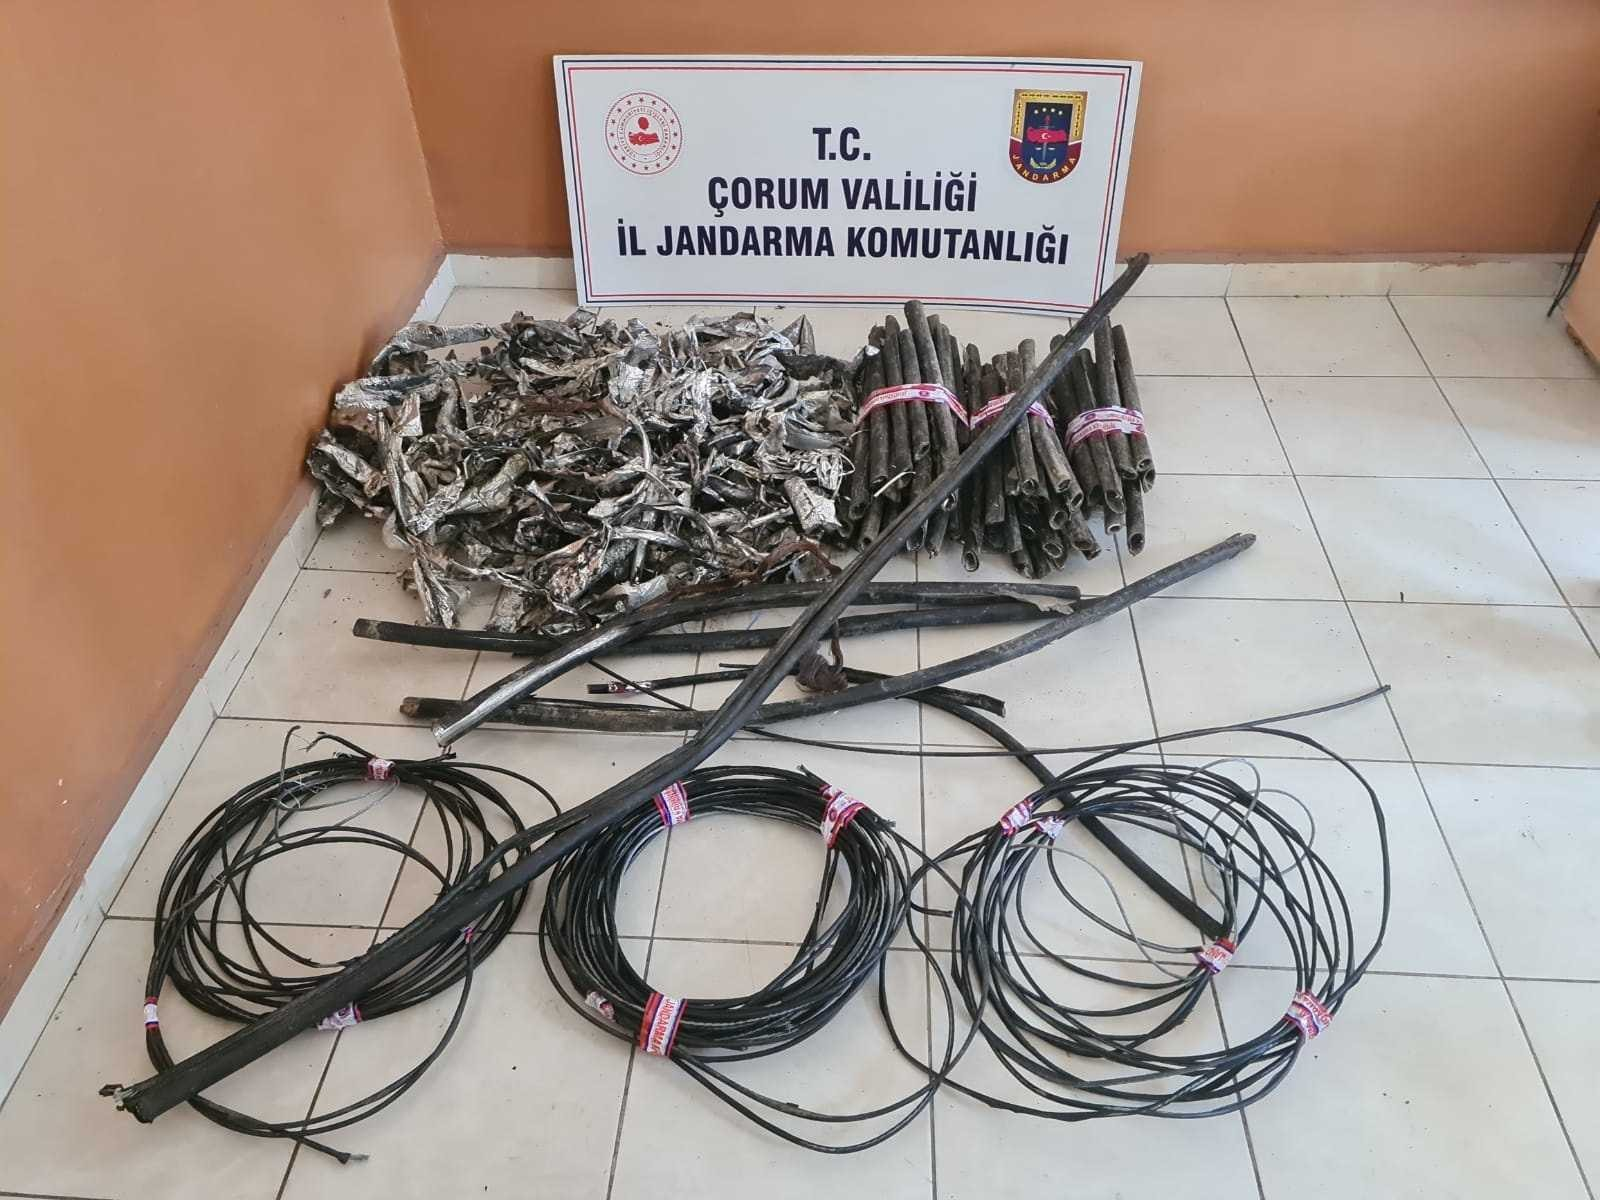 Jandarma'dan kablo hırsızlarına suçüstü #corum